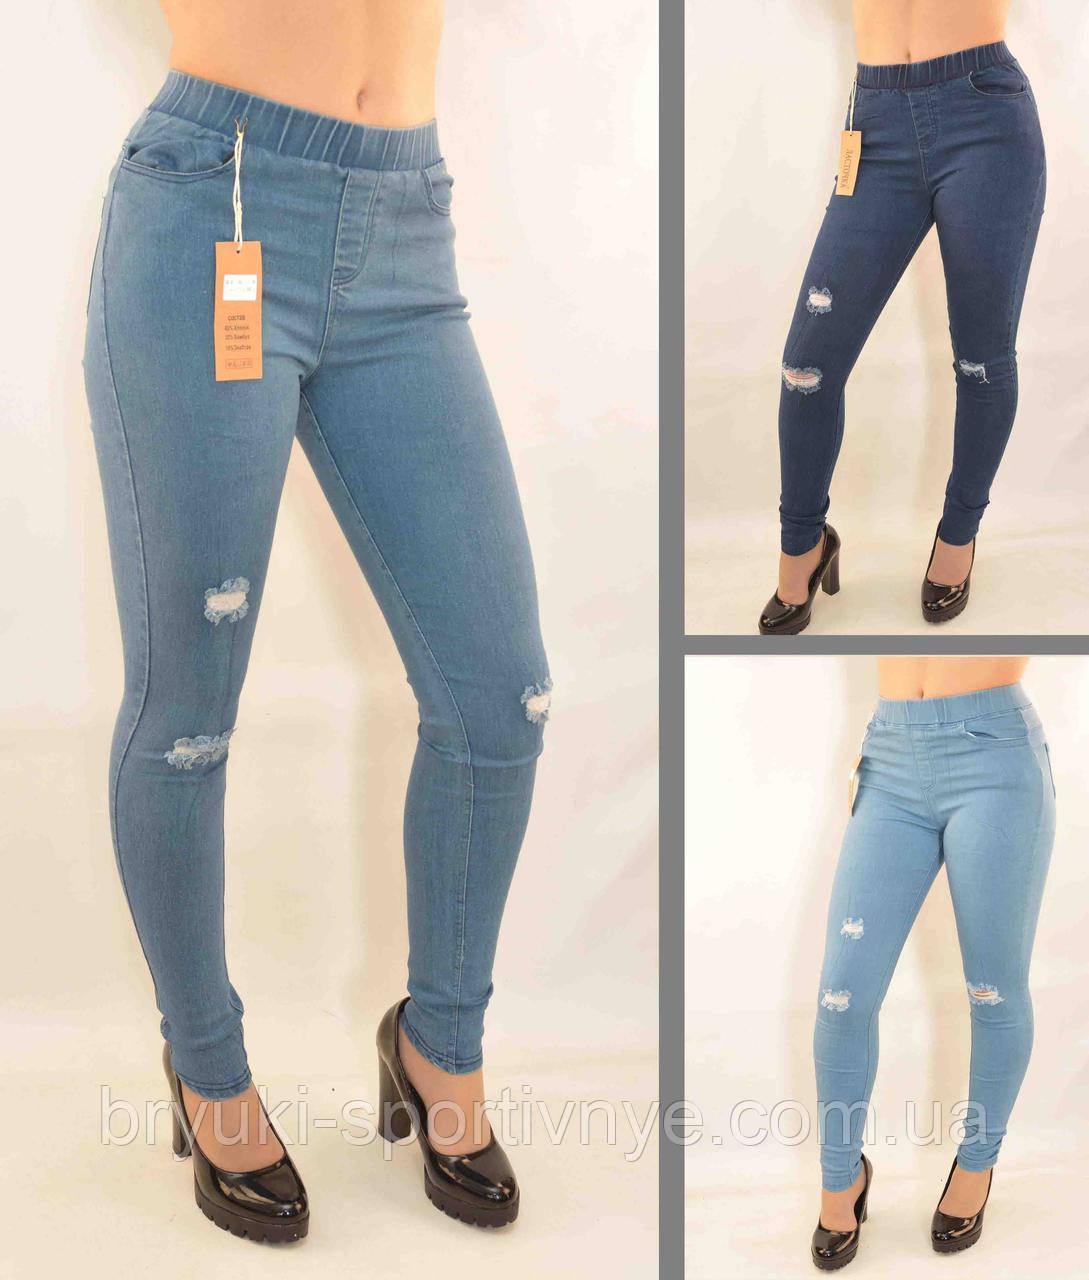 Рвані джинси жіночі S - XL залишок 6 шт.